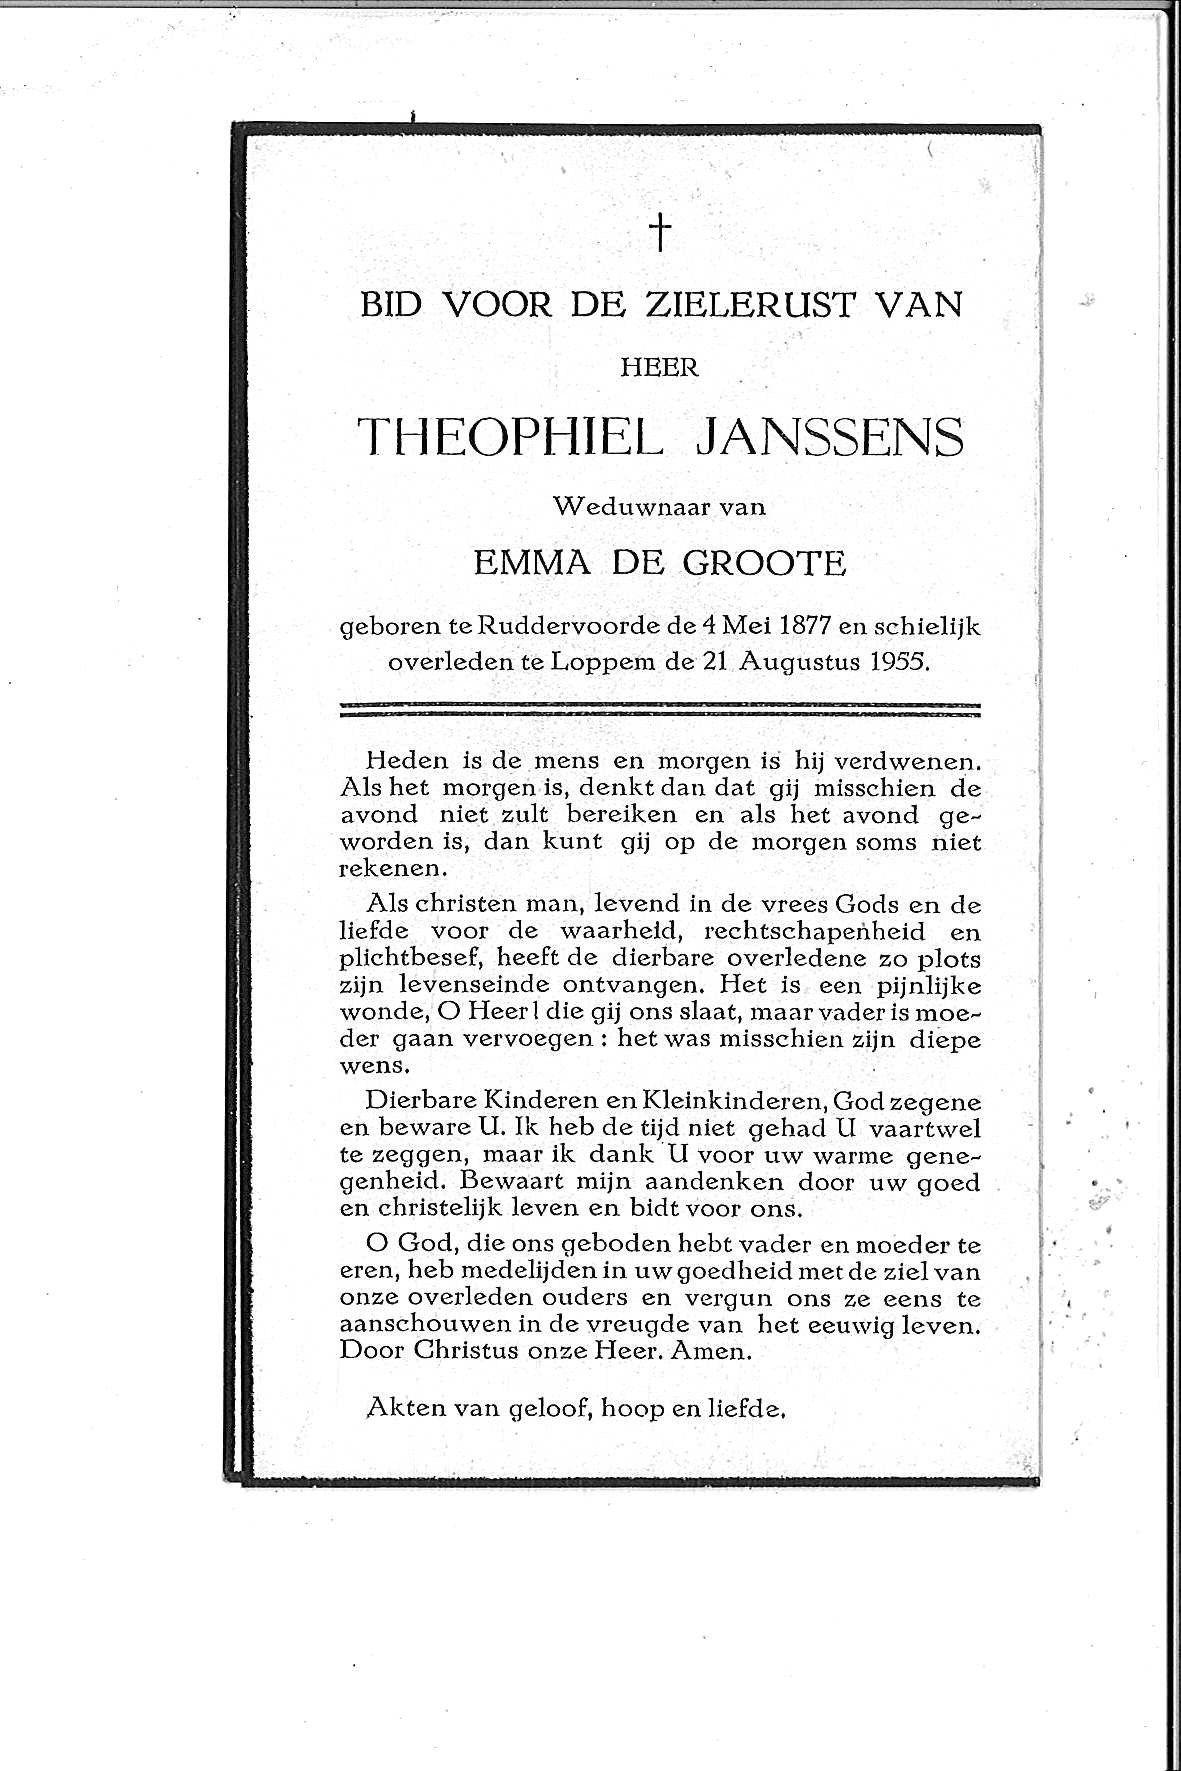 Theophiel(1955)20150504112425_00079.jpg